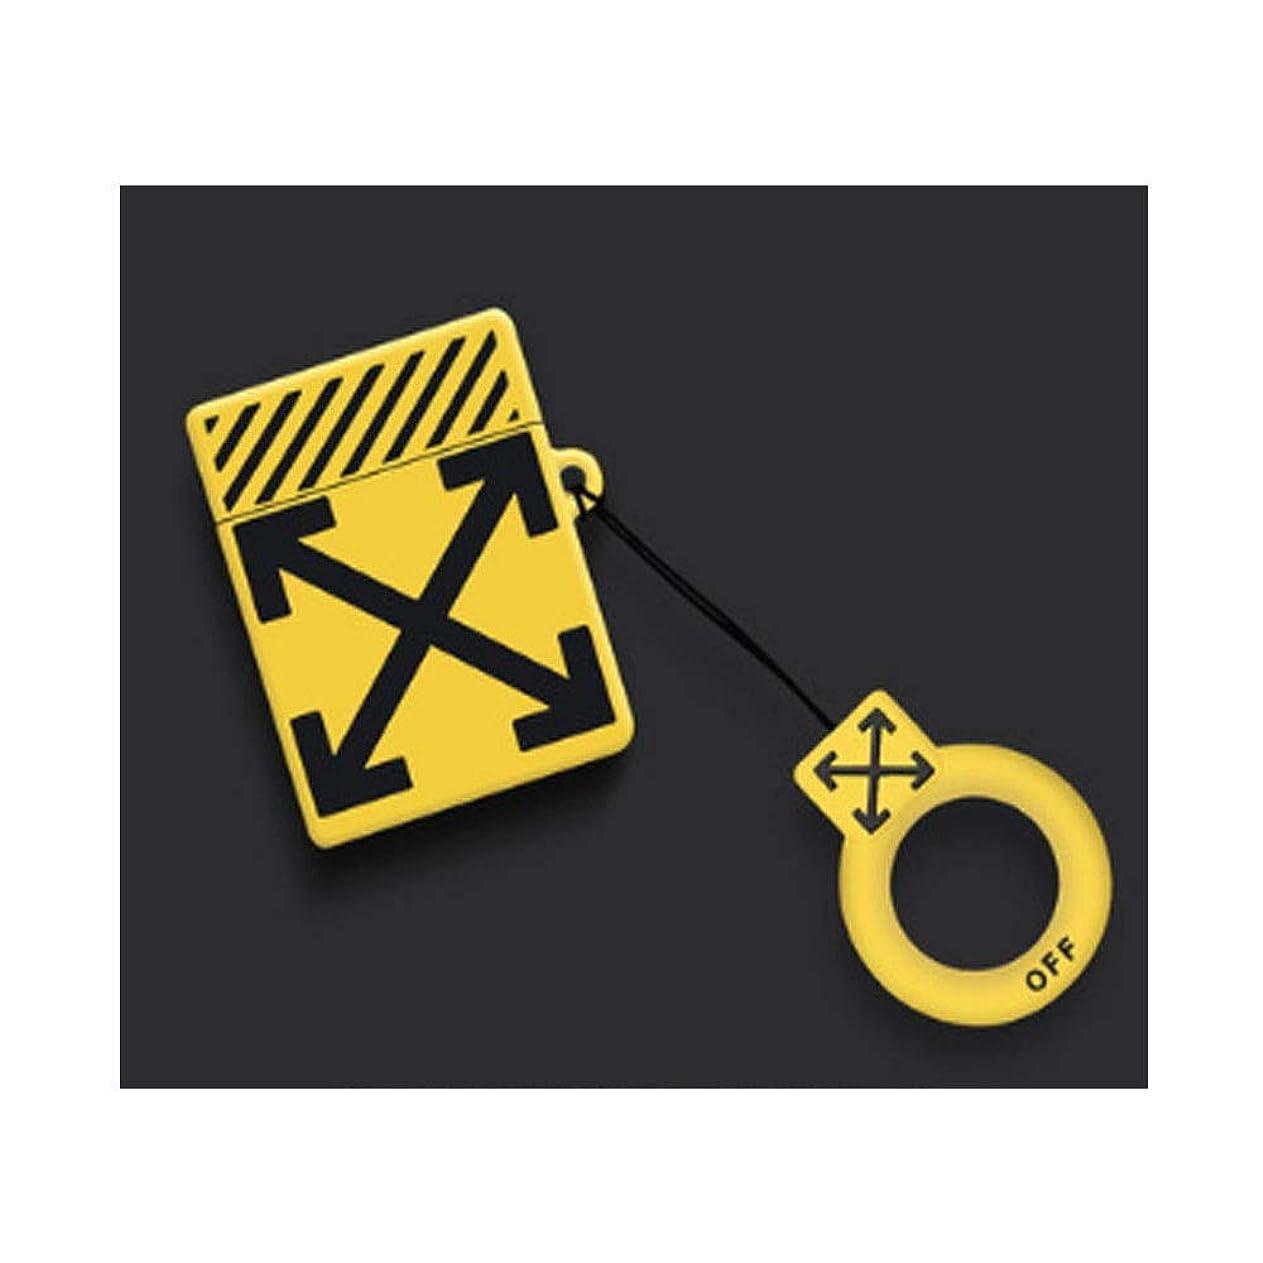 におい労苦終わりGaoxingbianlidian001 ヘッドホンセット、防滴AirPodsケース、防滴性と耐久性、快適な使用、美しい贈り物(黒、白、黄色) 快適な (Color : Yellow)